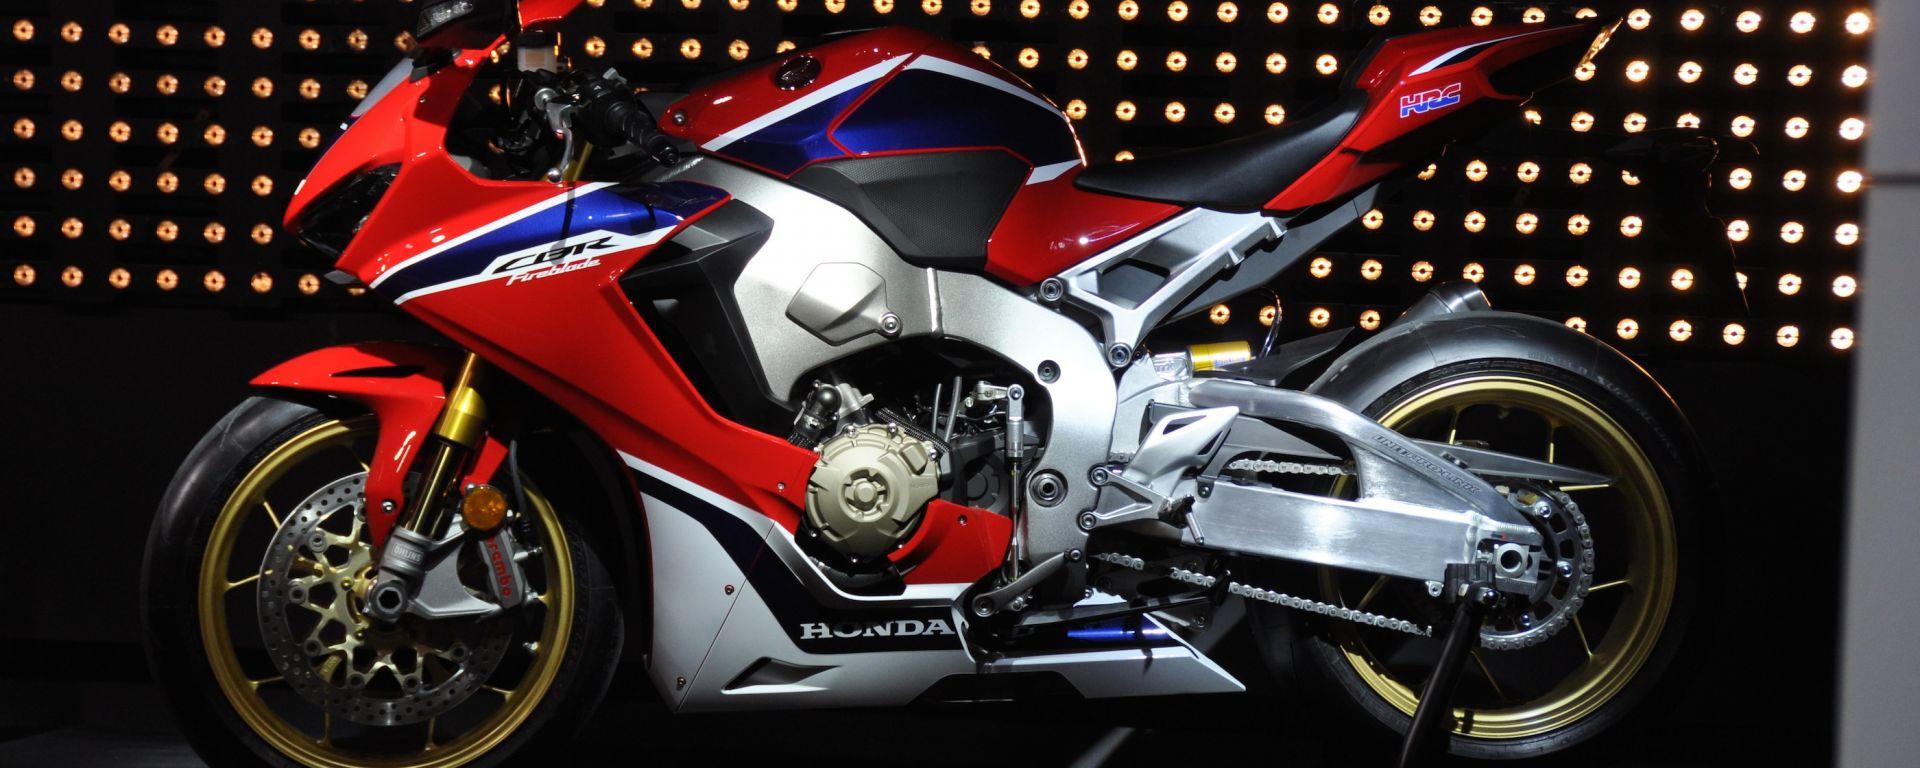 Honda CBR1000RR Fireblade SP e SP2 2017, la lama di fuoco è tornata